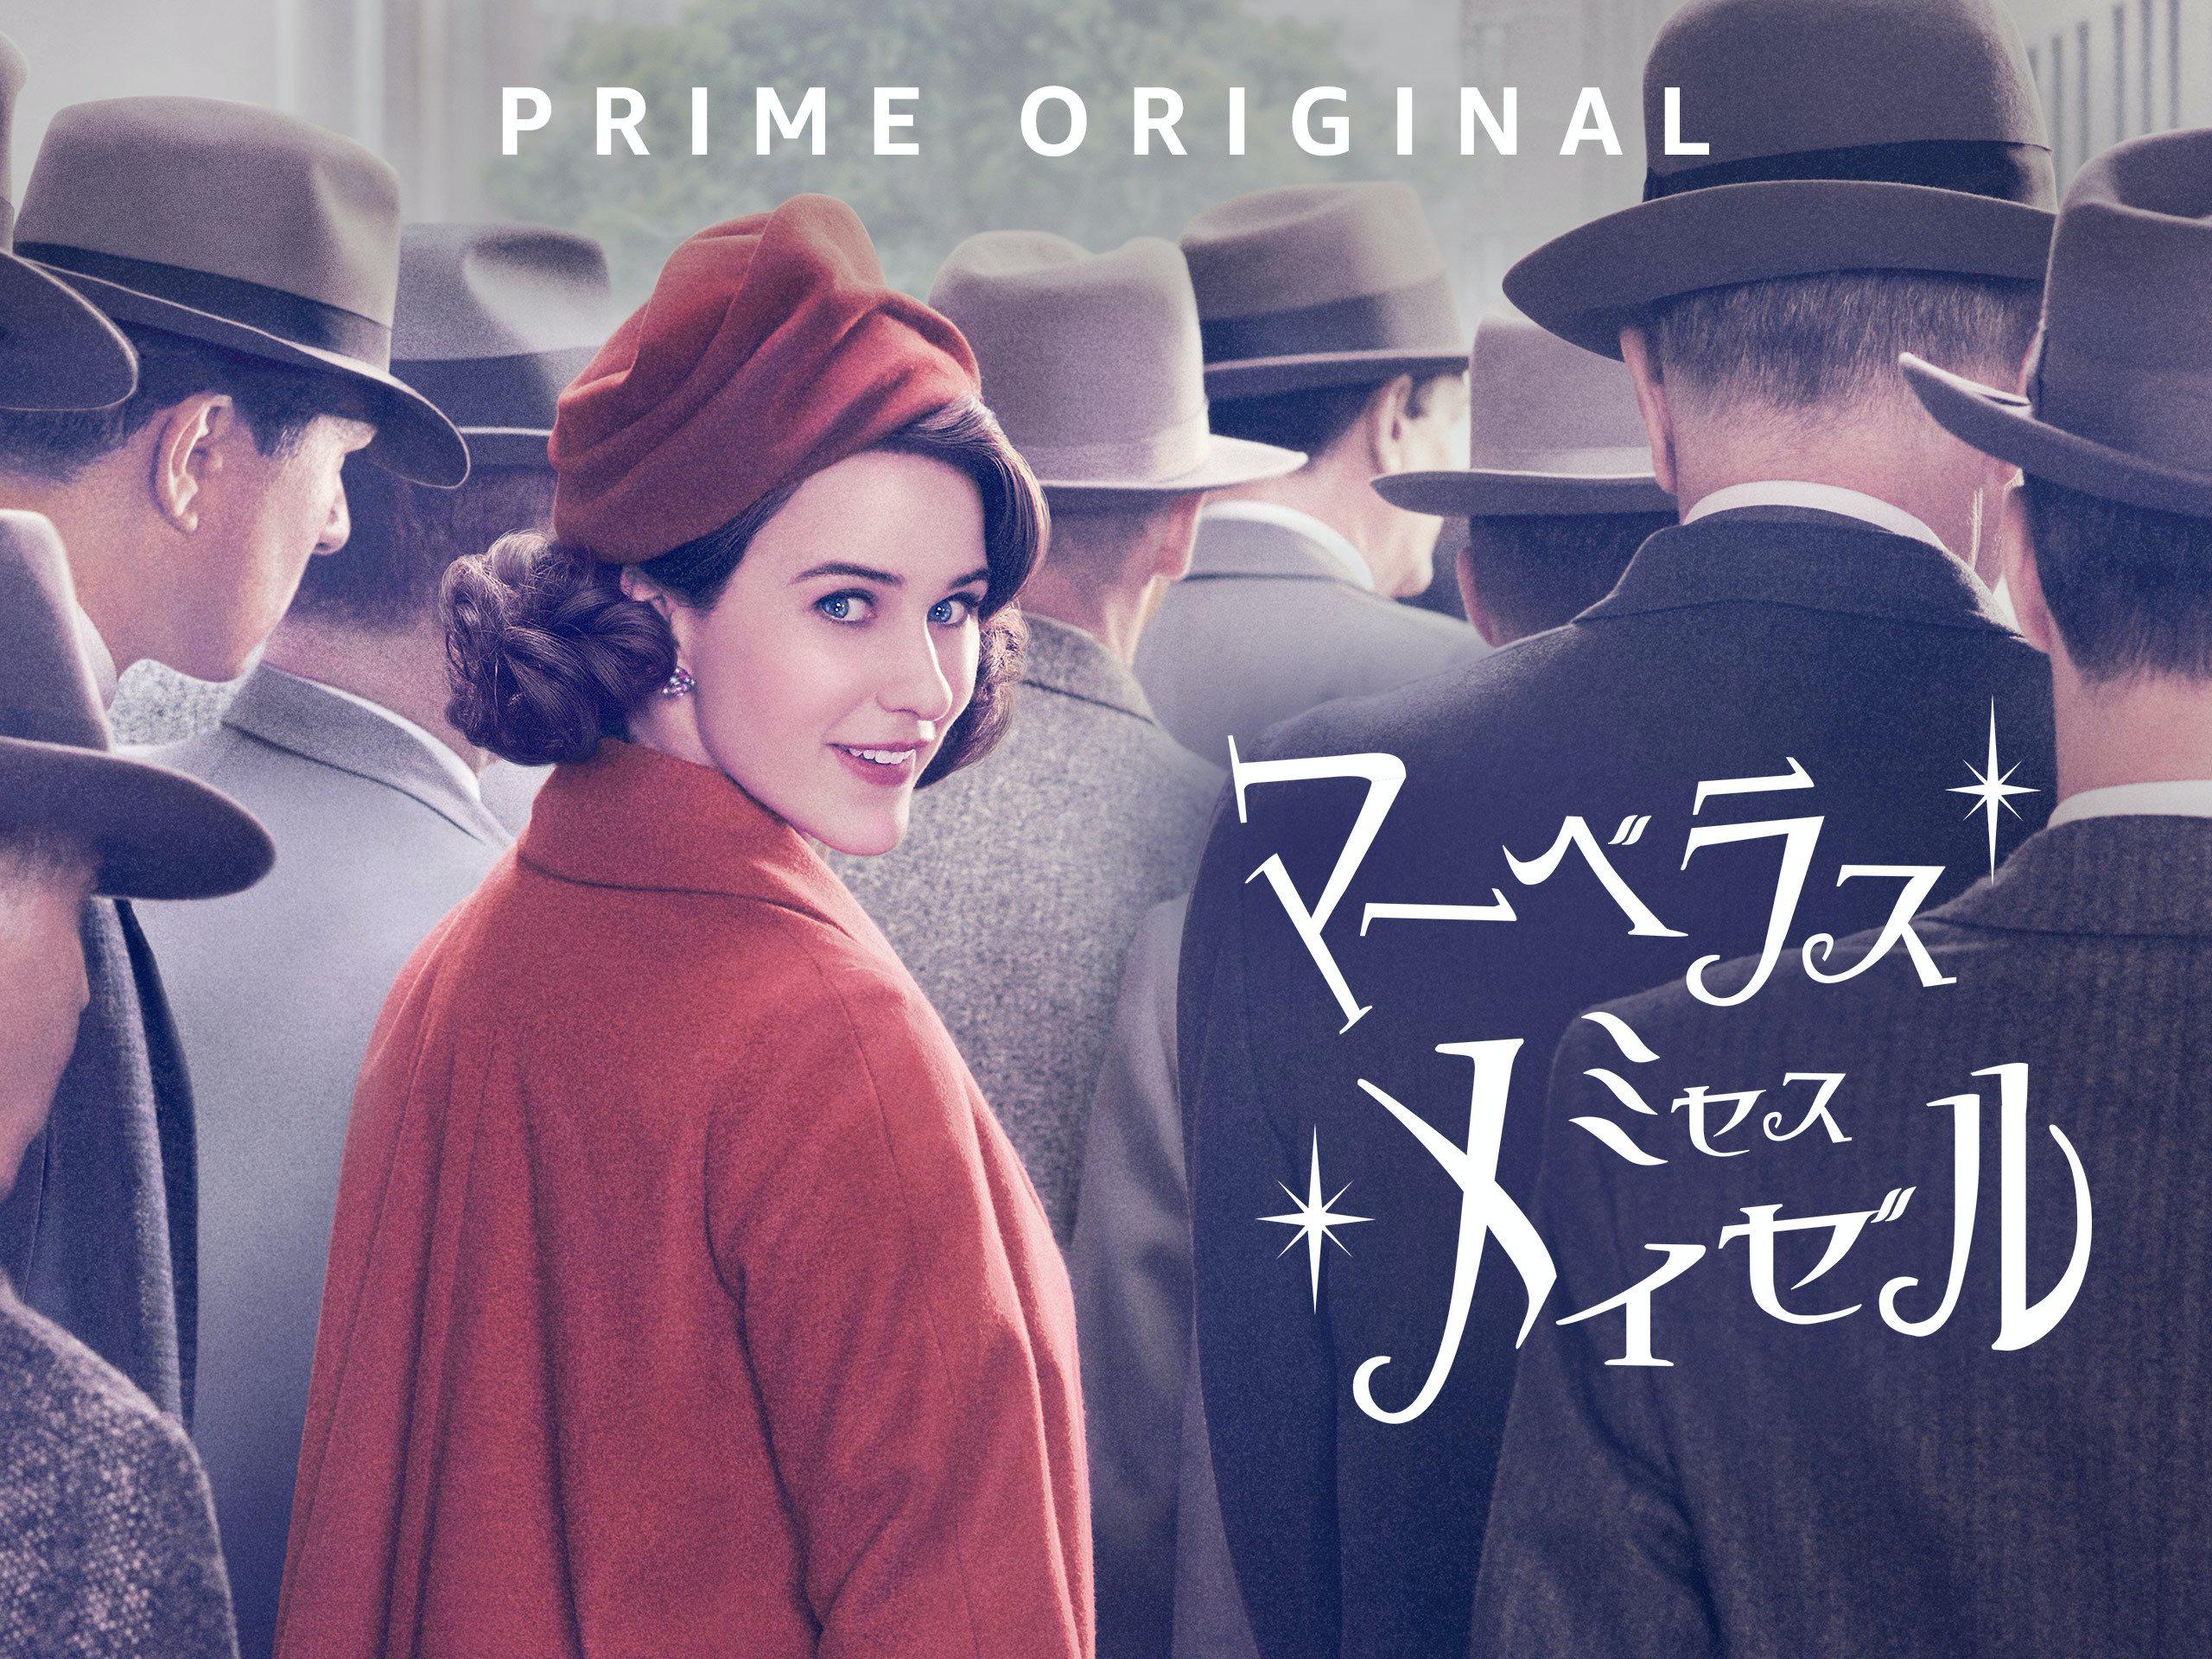 Amazonプライムオリジナル「マーベラス・ミセス・メイゼル」を無料視聴!【作品紹介とレビュー】